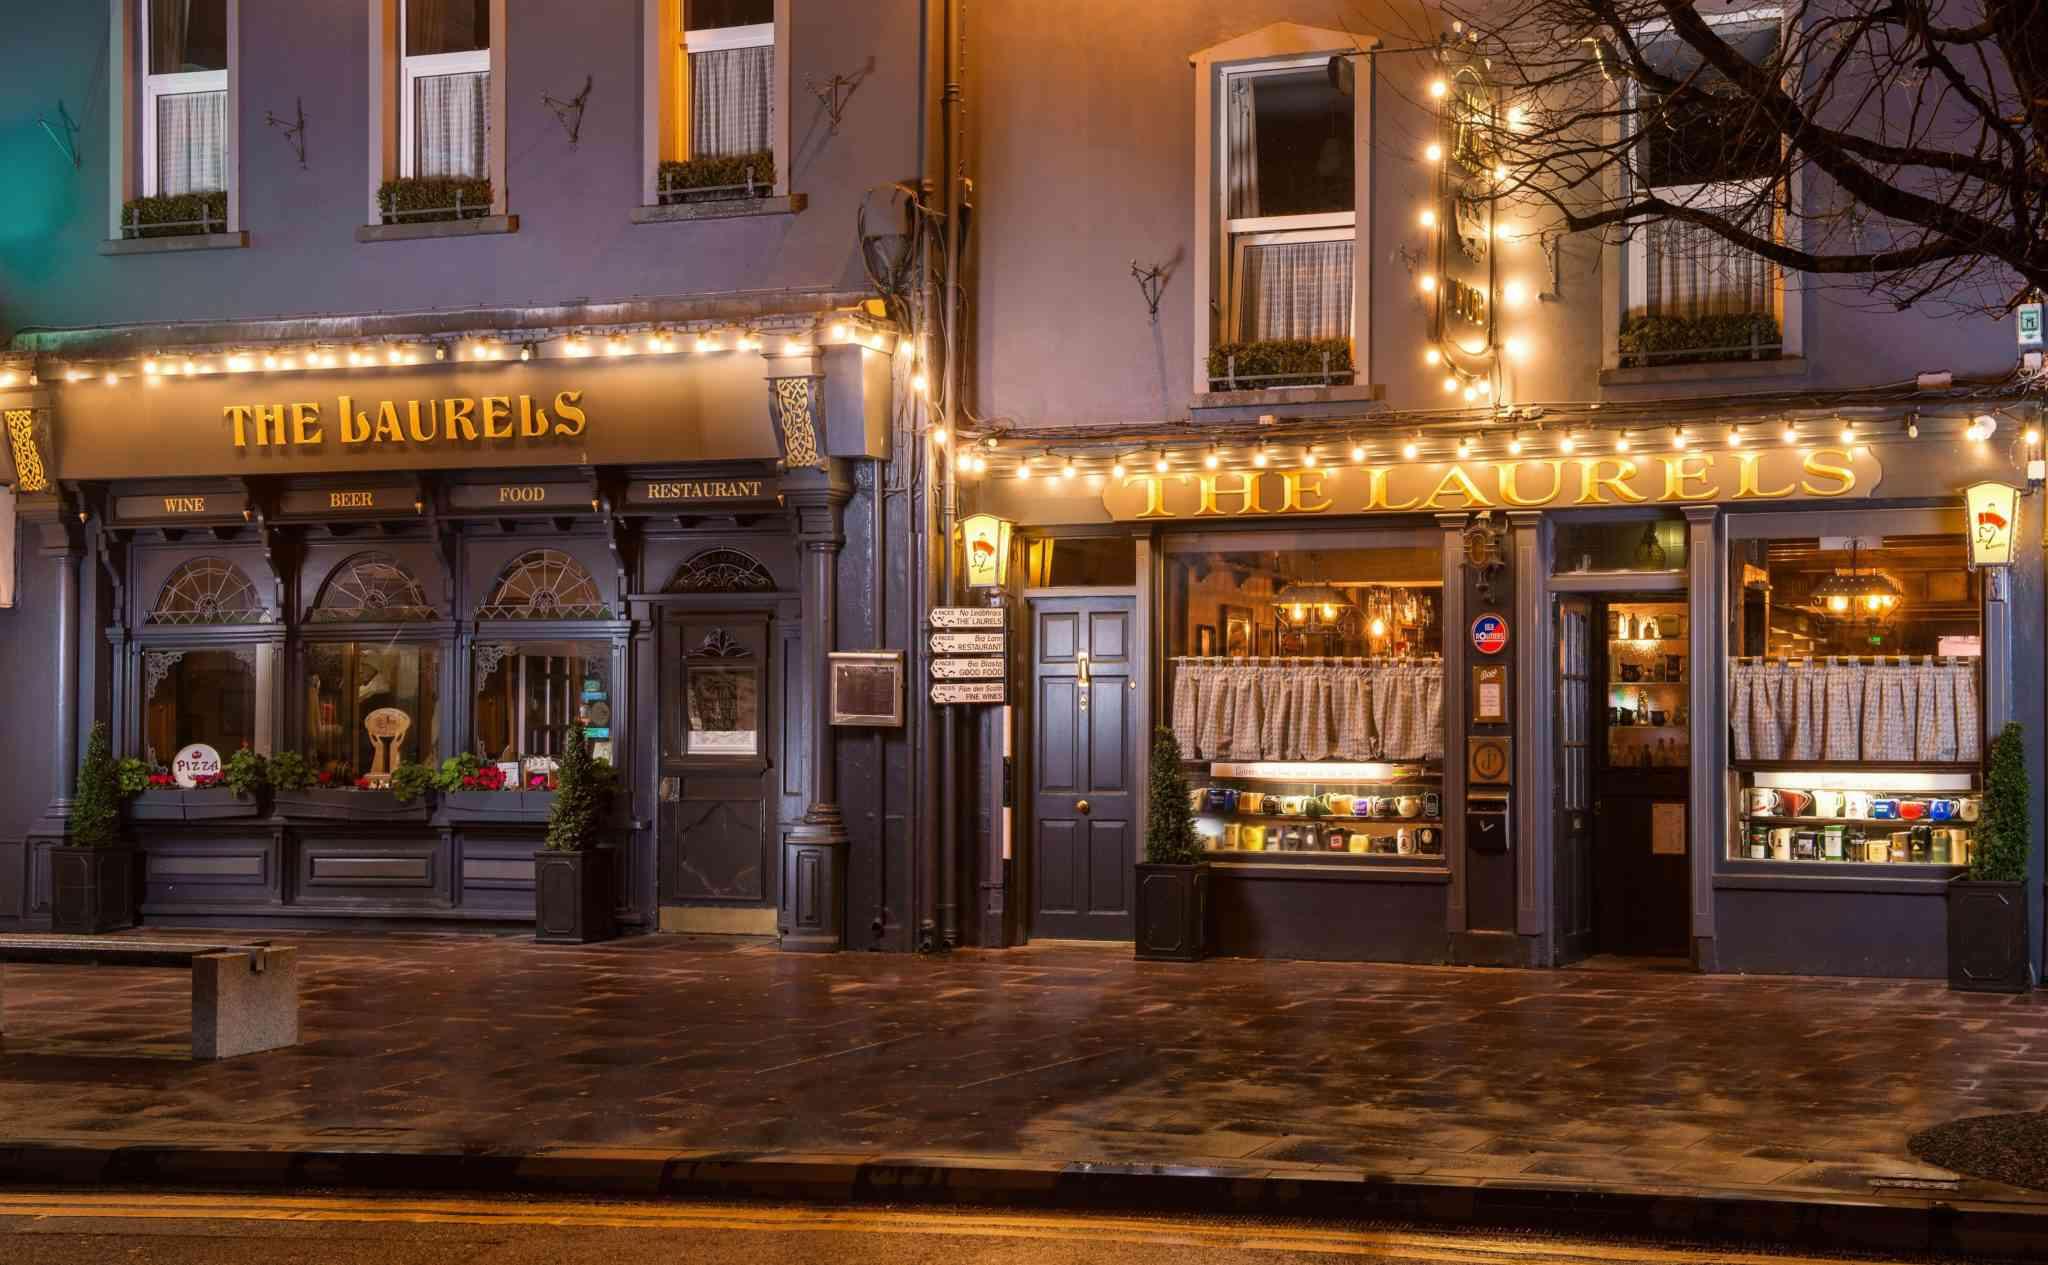 exterior of irish pub with lights